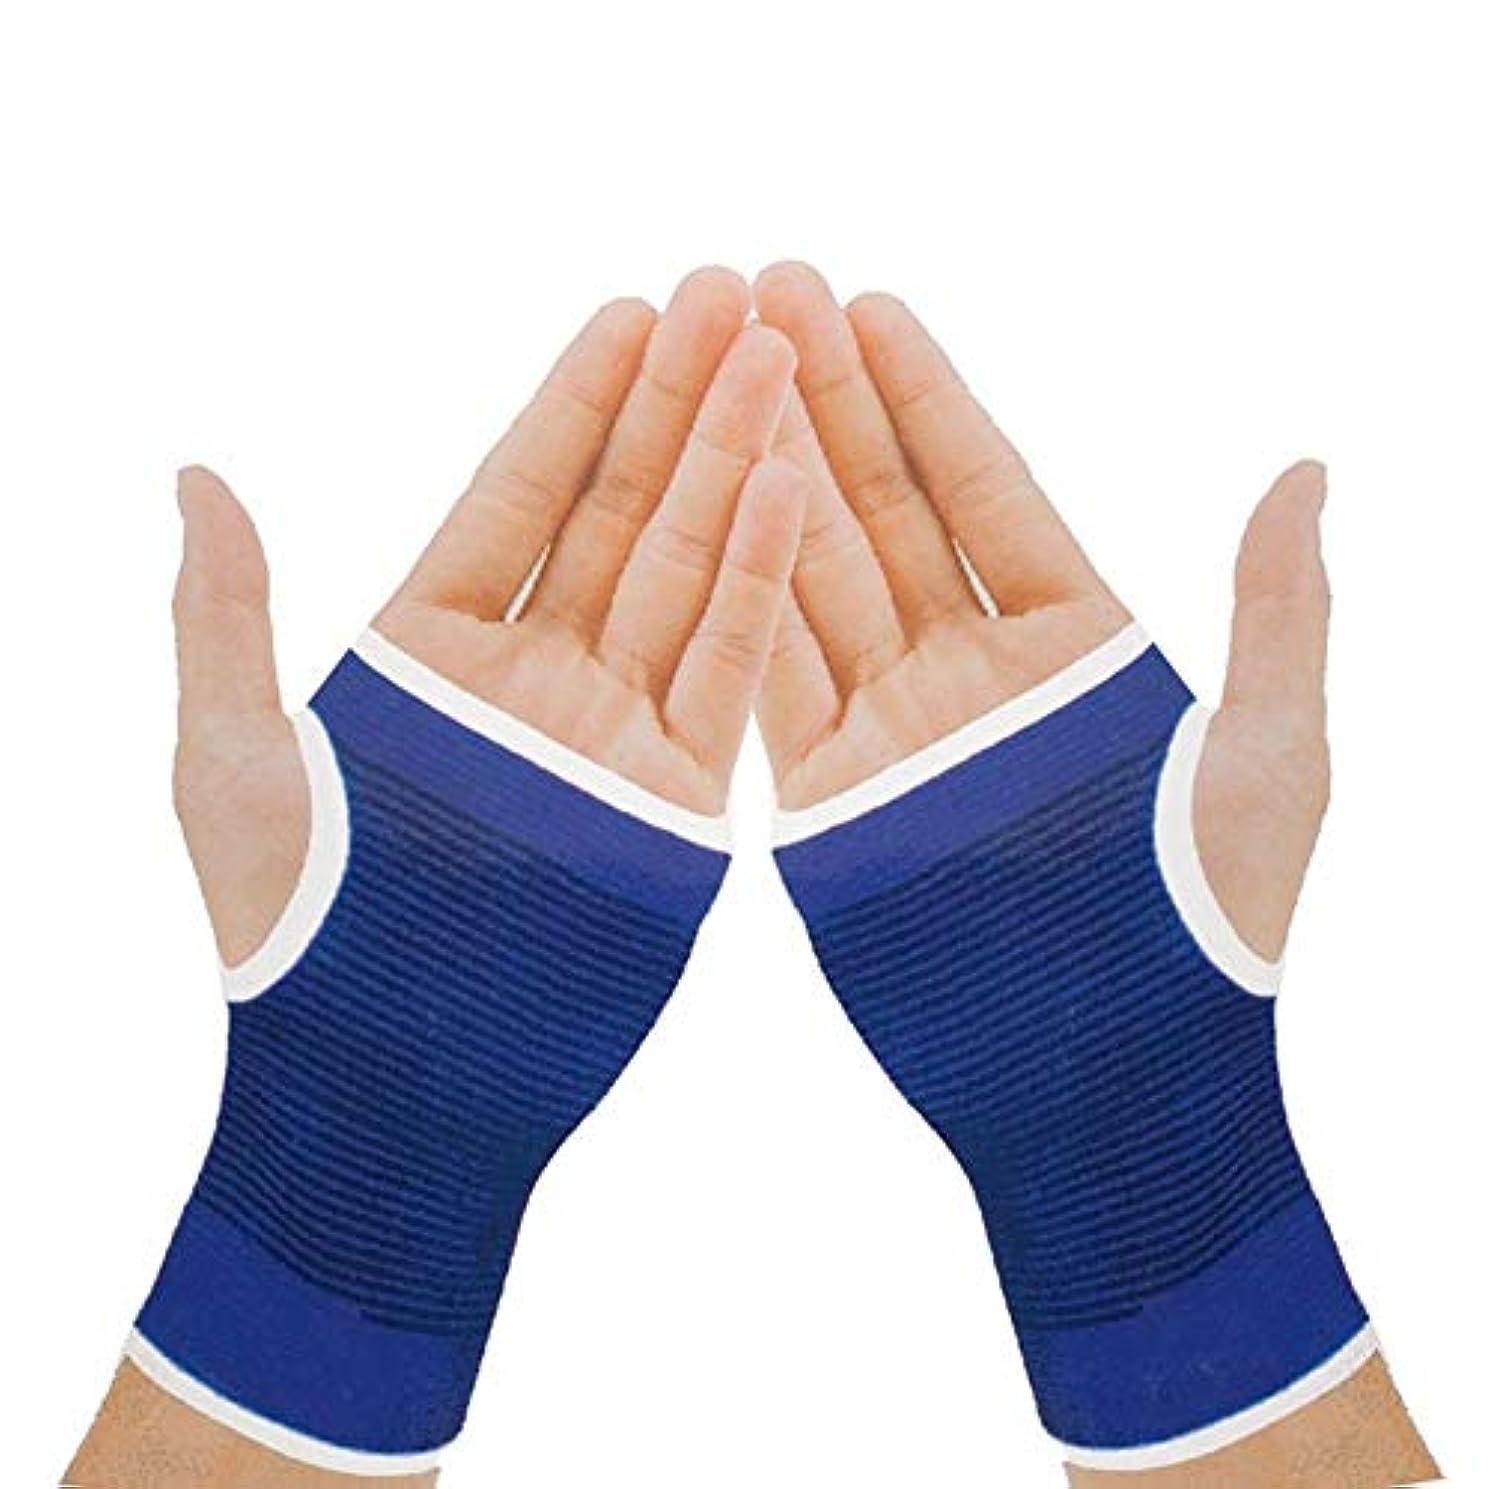 危険節約希少性弾性手首ハンドブレース手首グローブパーム手首ハンドサポート手袋ブレーススリーブ包帯ラップの痛みを軽減する関節の痛みジムスポーツサポート1ペア